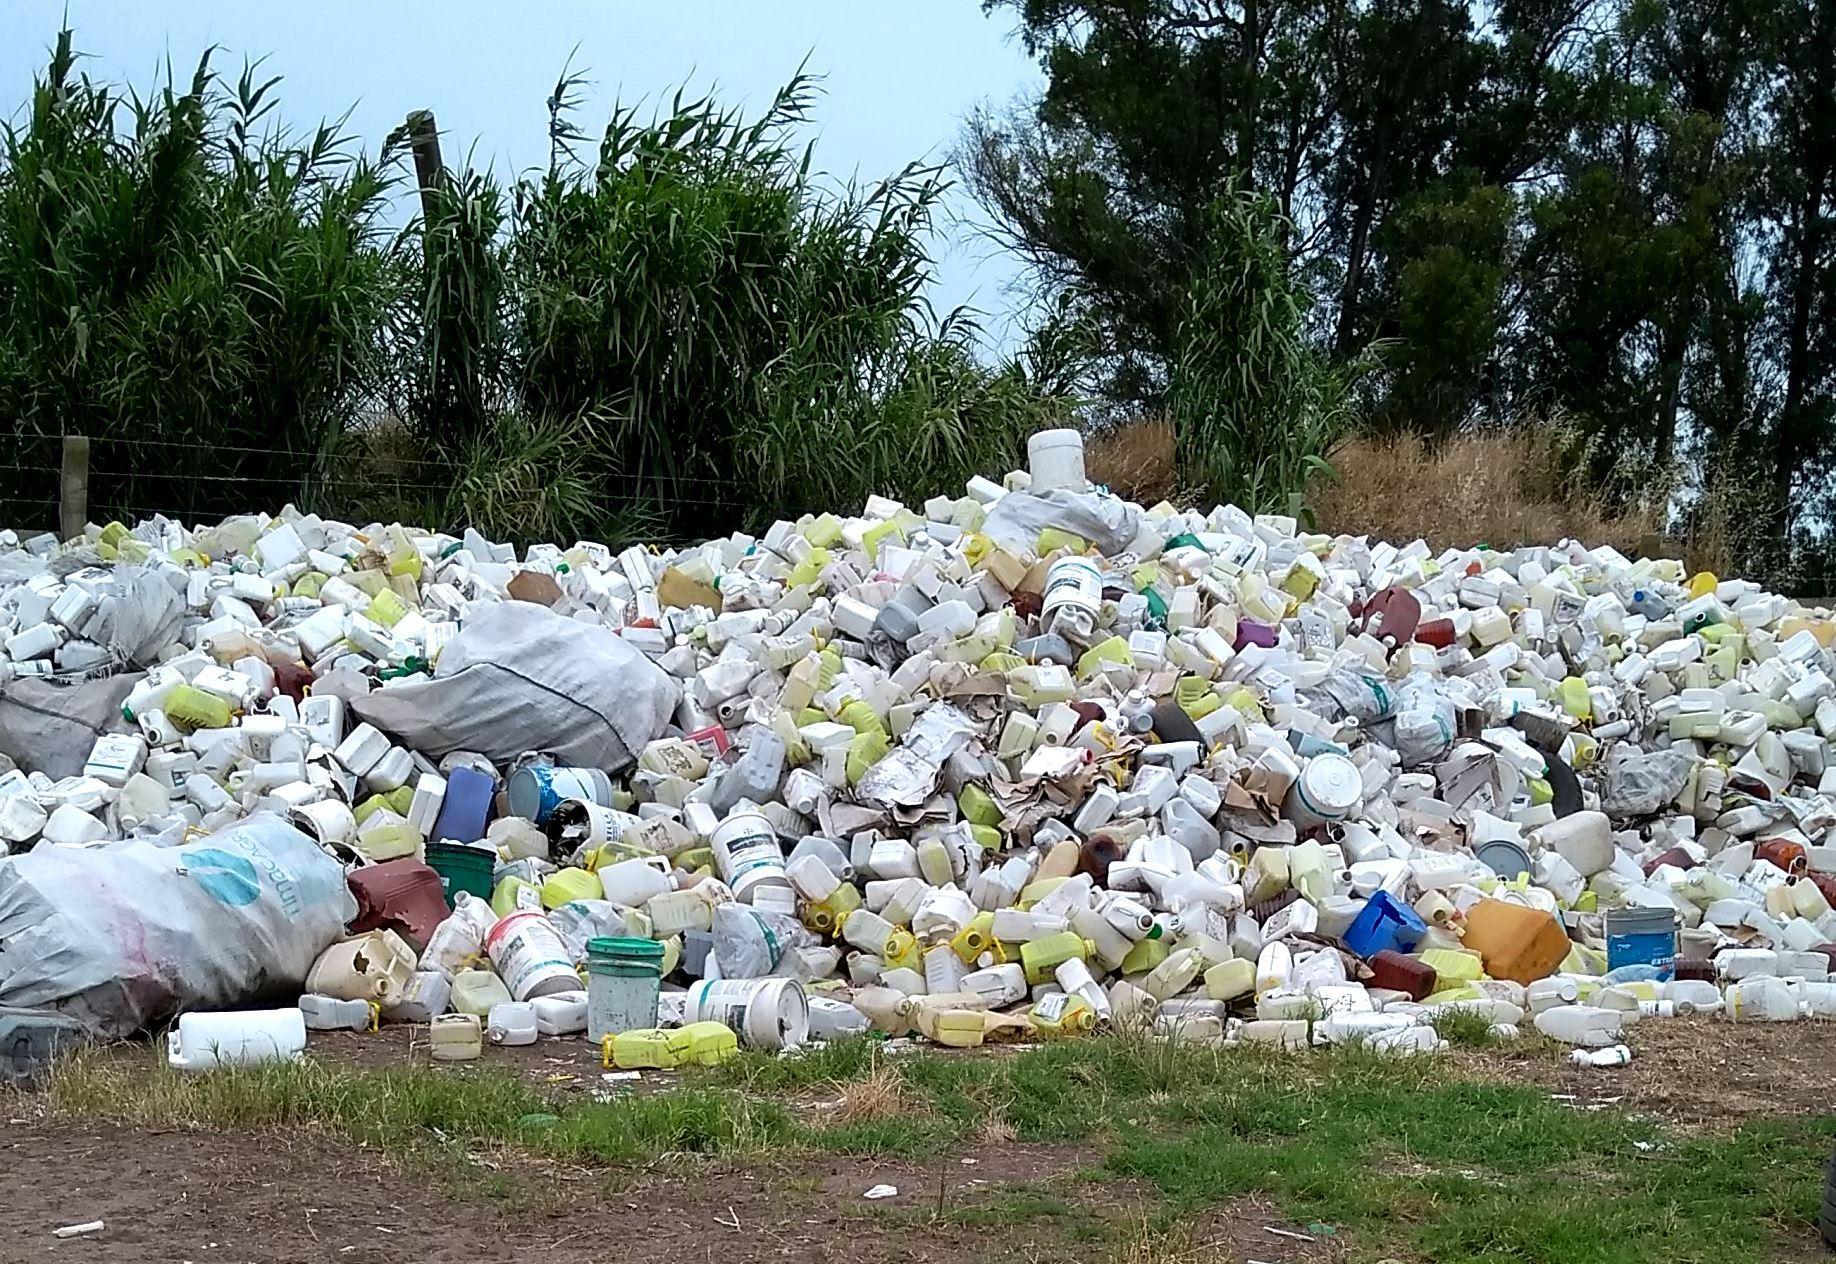 CampoLimpio puso en marcha un operativo para el retiro de los envases que se encuentran abandonados en 19 localidades pampeanas